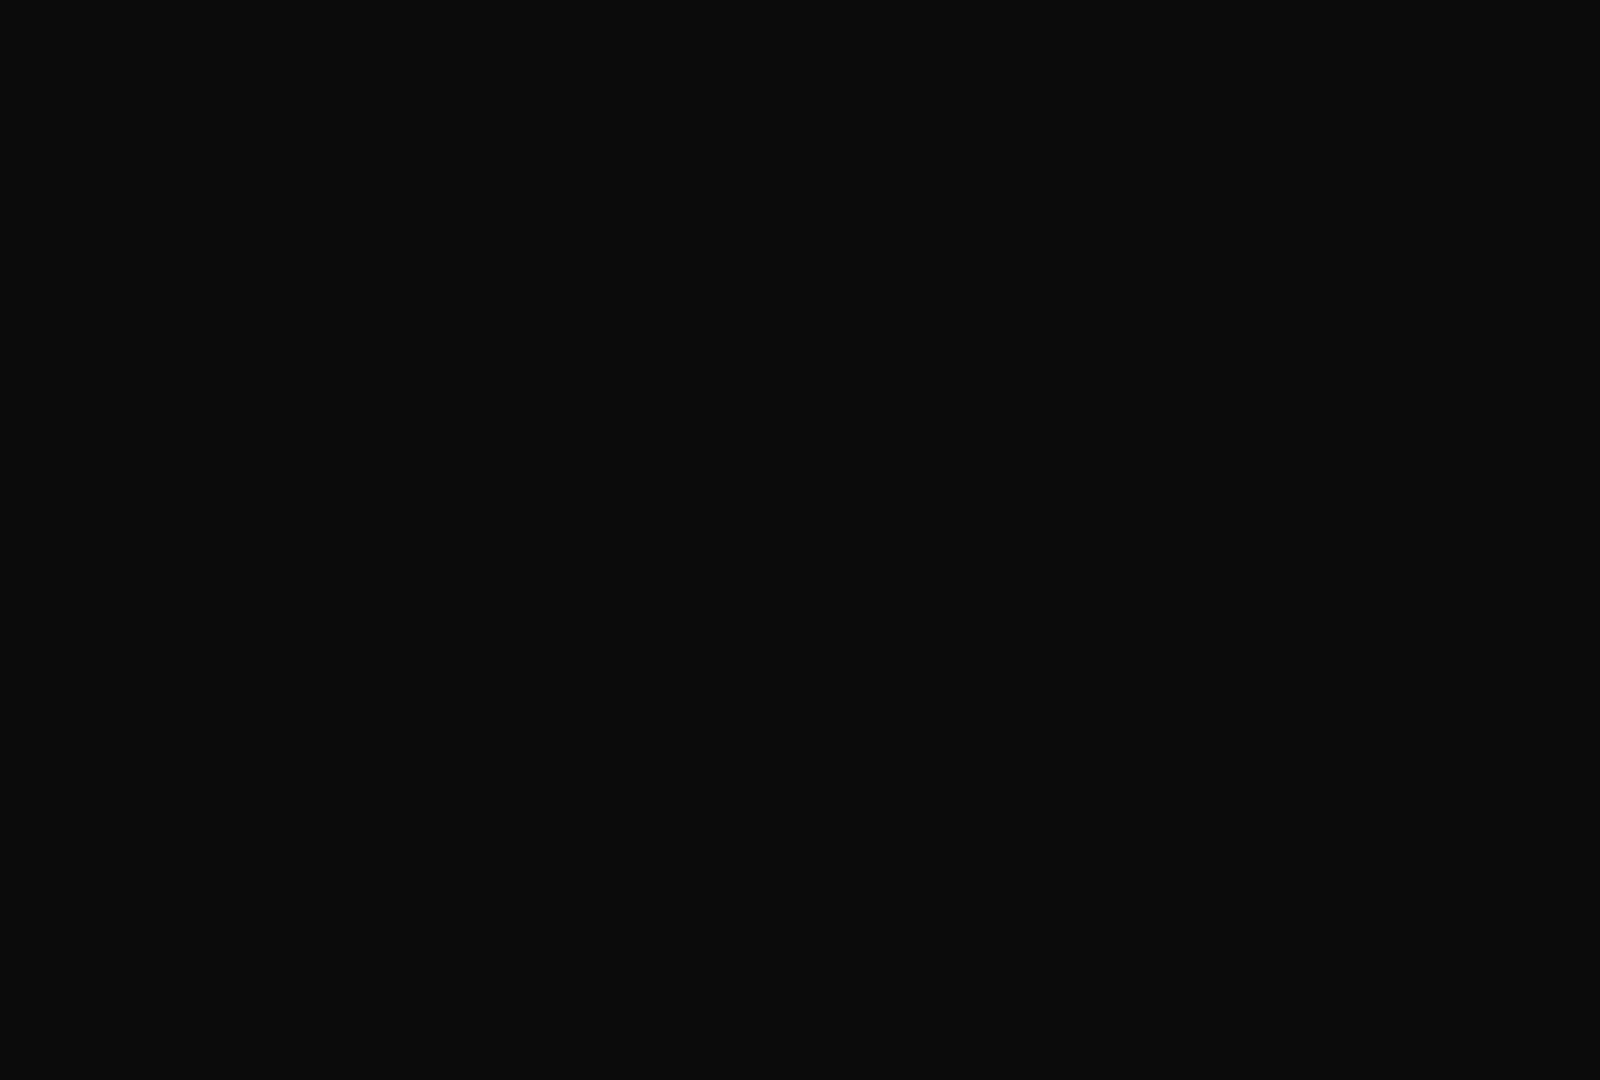 充血監督の深夜の運動会Vol.99 カップル記念日  67連発 40